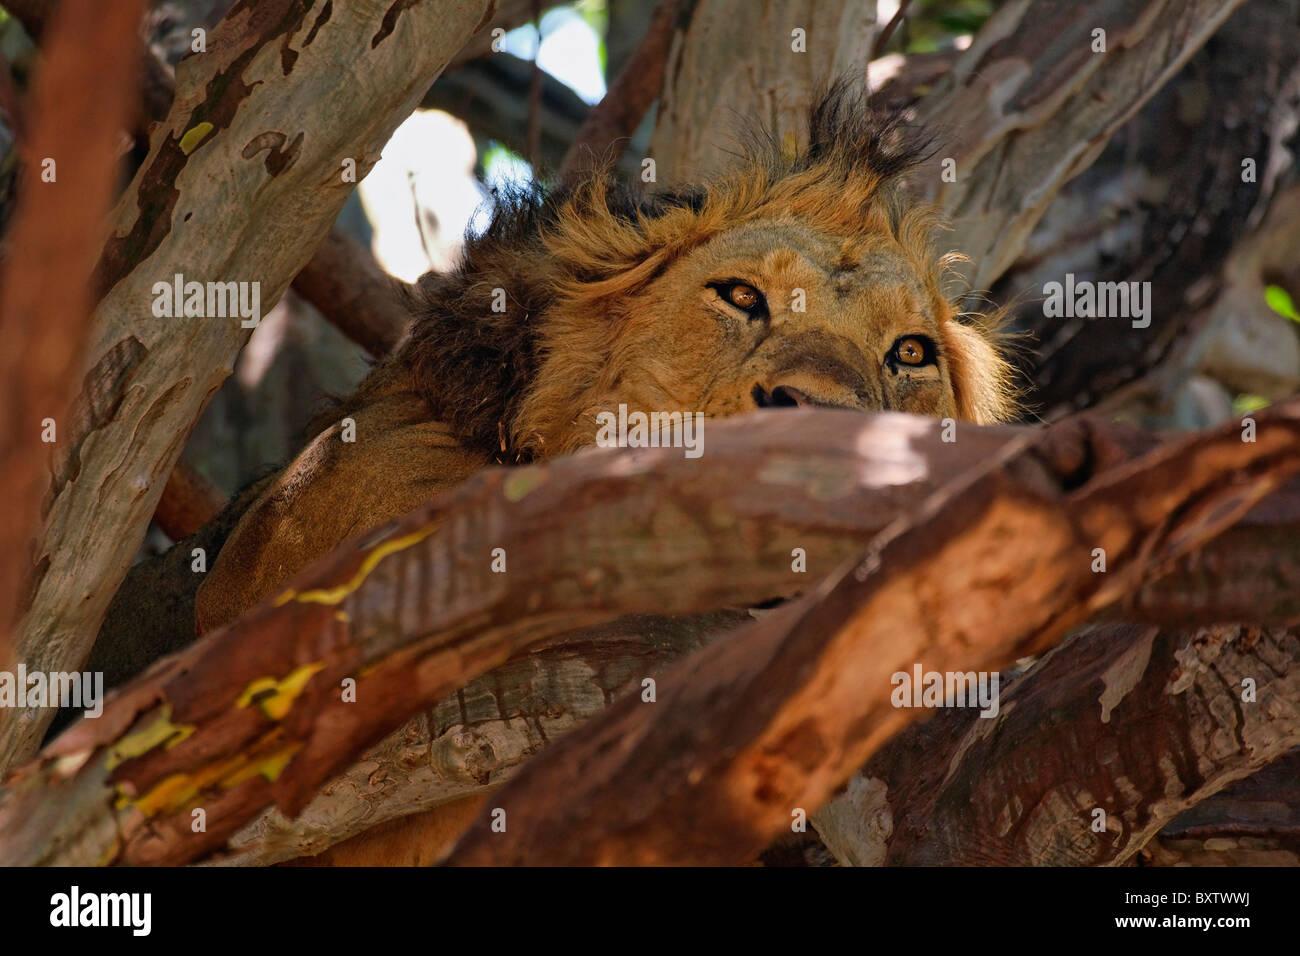 Male lion resting in tree, Panthera leo, Lake Manyara National Park, Tanzania, Africa - Stock Image